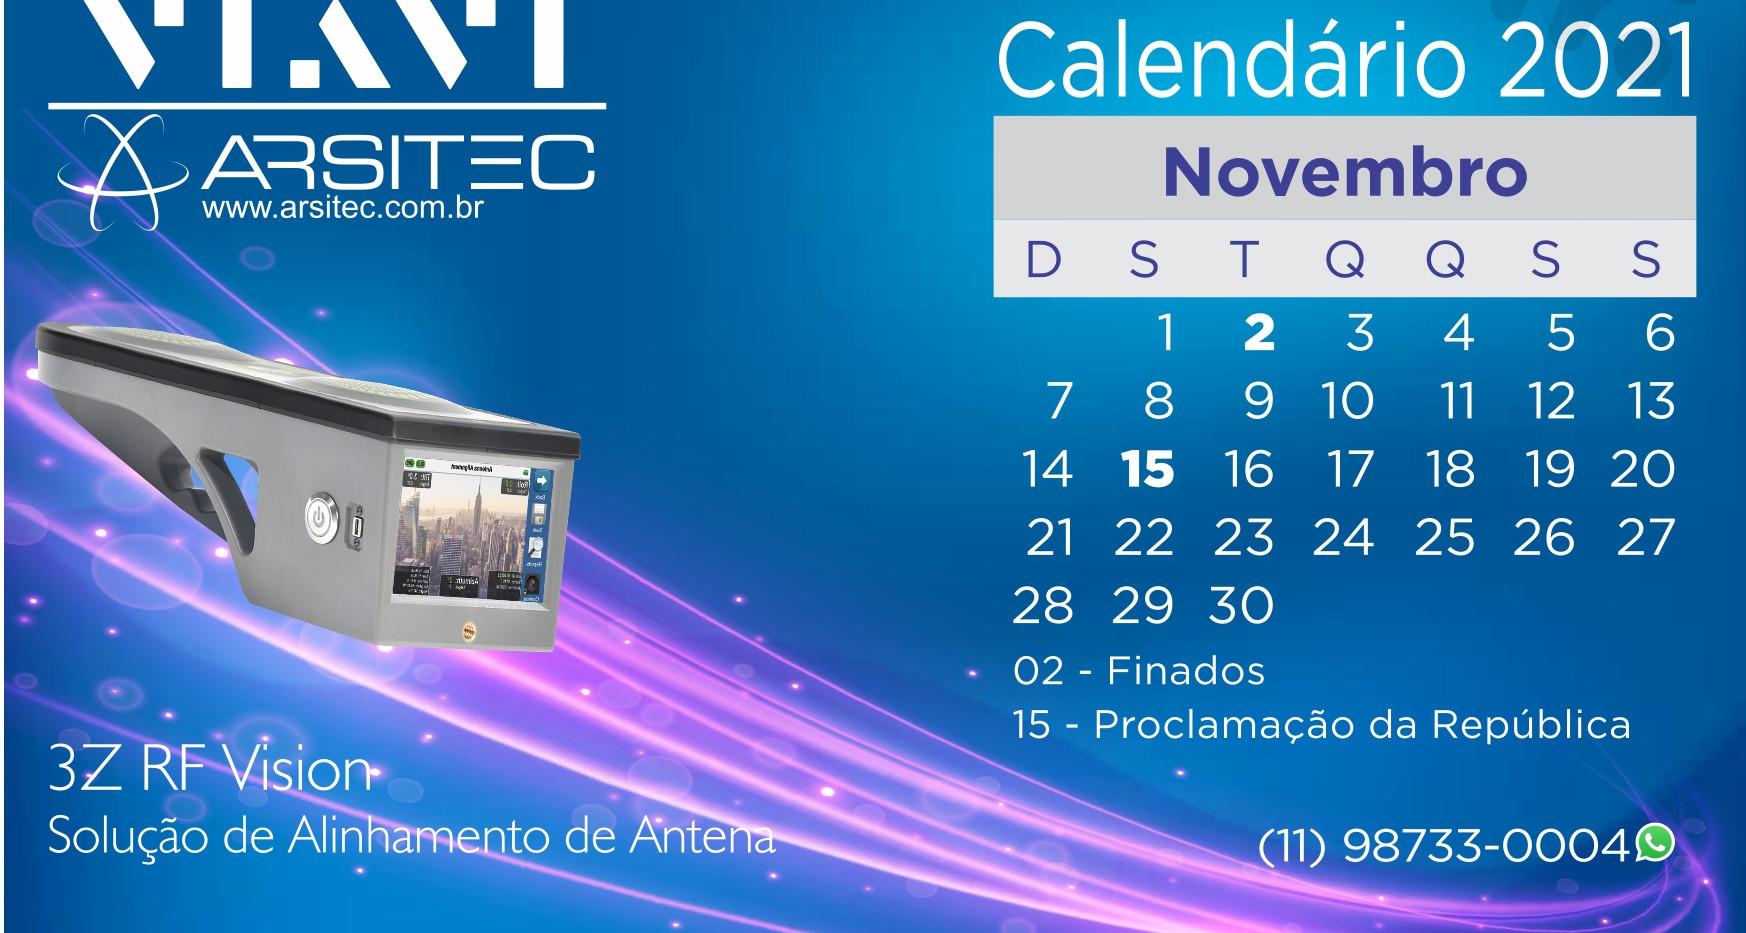 11 Novembro 21.jpg